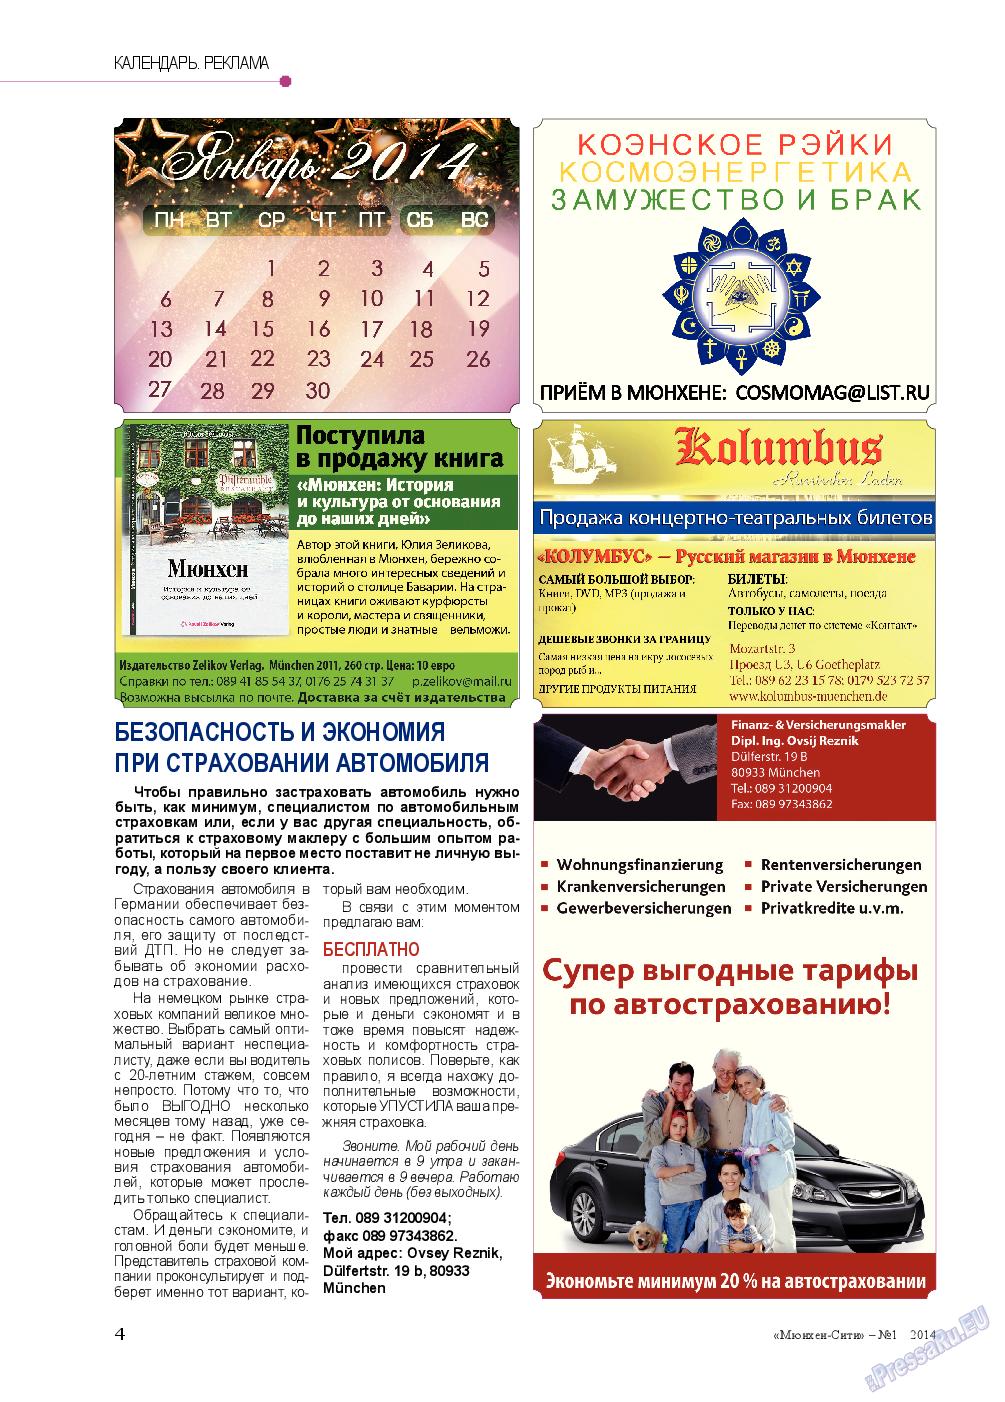 Мюнхен-сити (журнал). 2014 год, номер 1, стр. 4